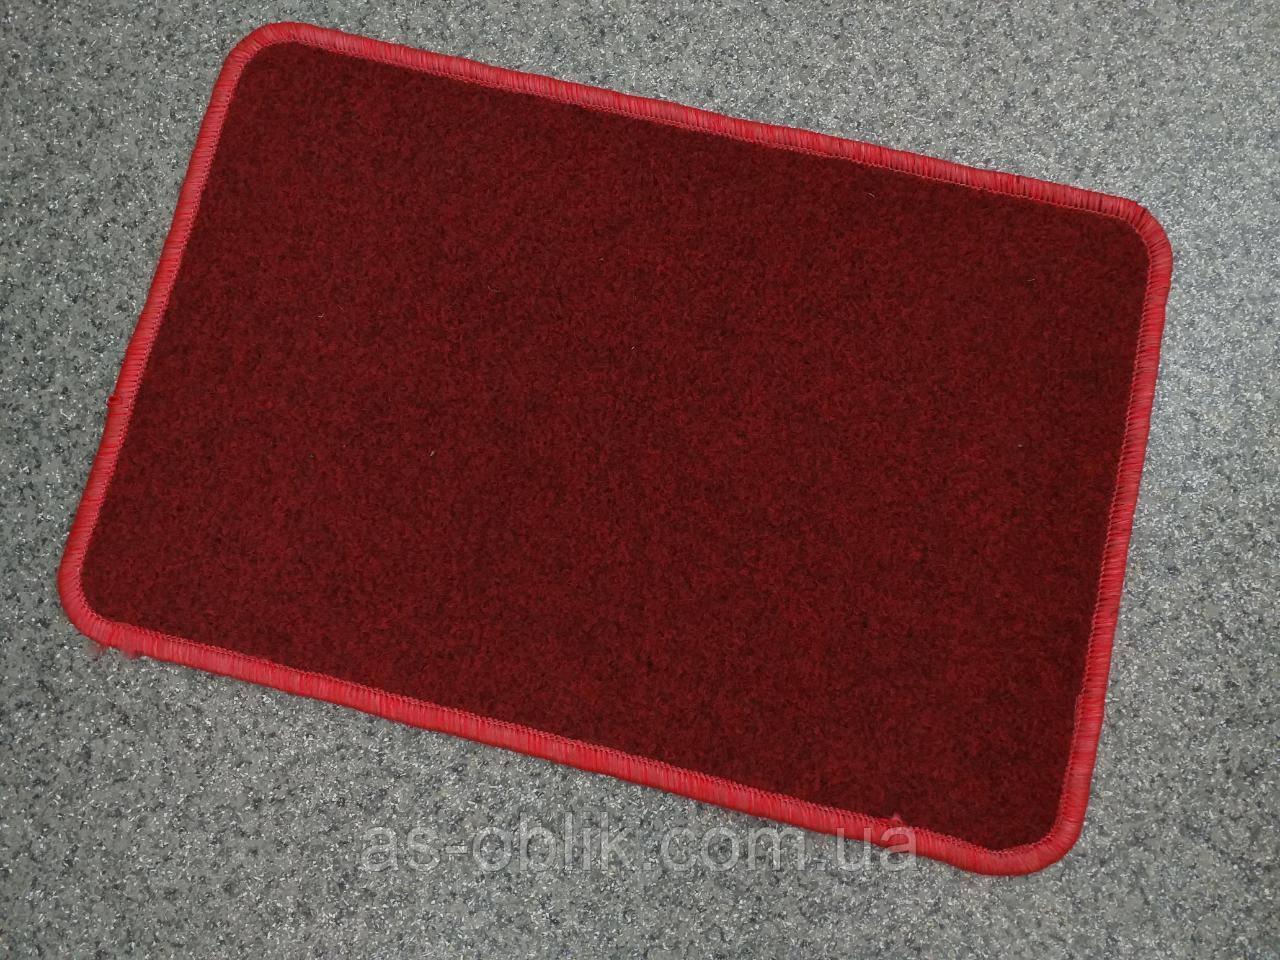 Входной коврик красный 600х400 мм Флин